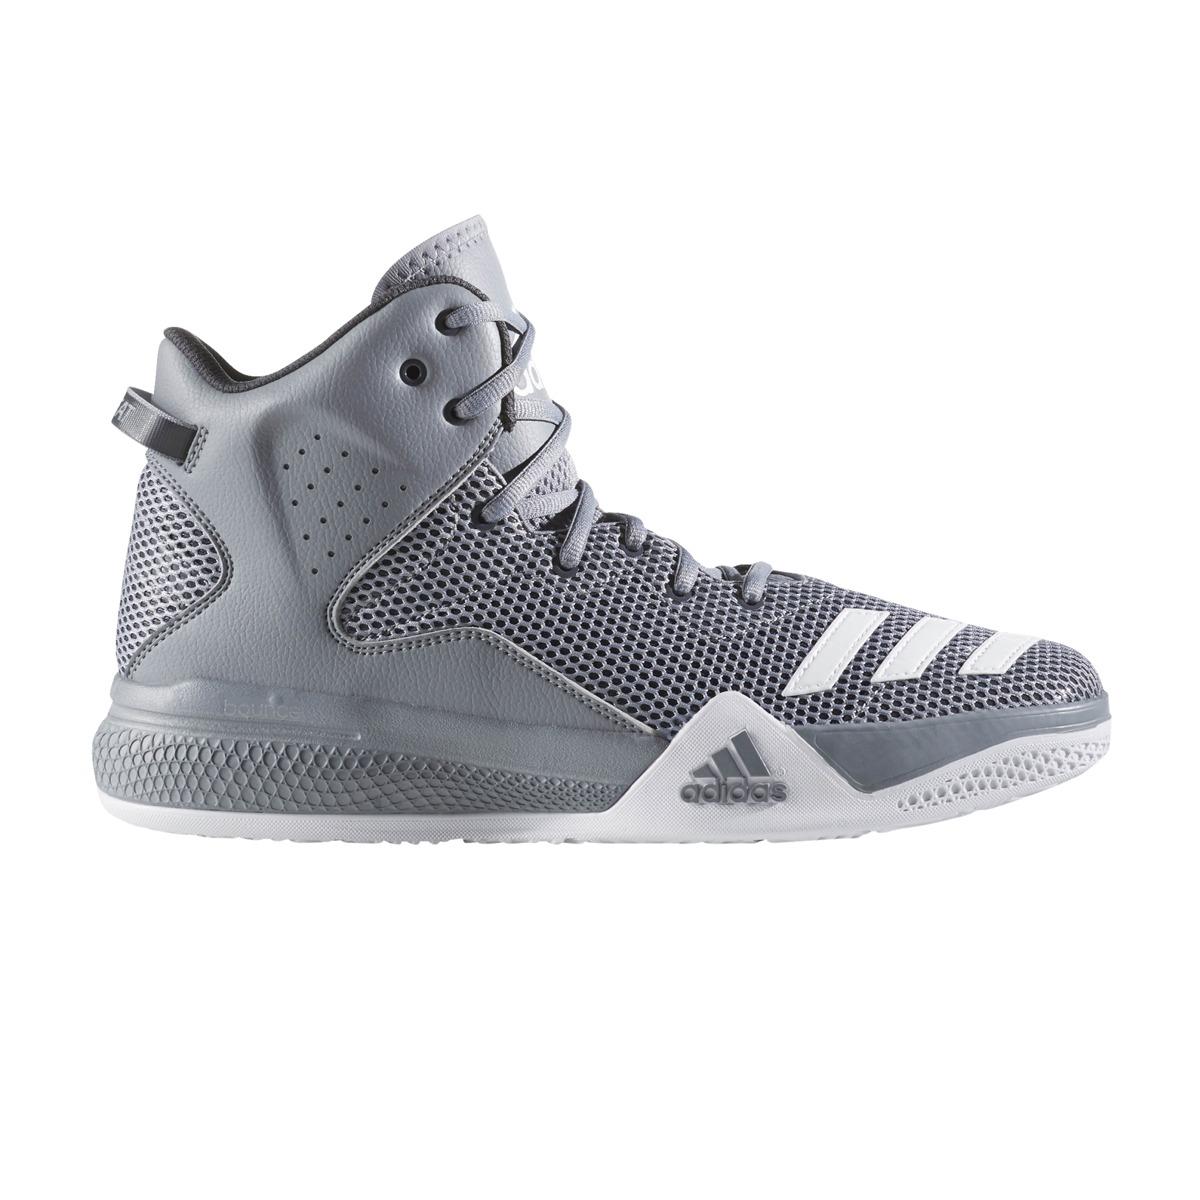 Dt Adidas Bball Mid Gogo Basketball Hombre Botas OTiukZPX